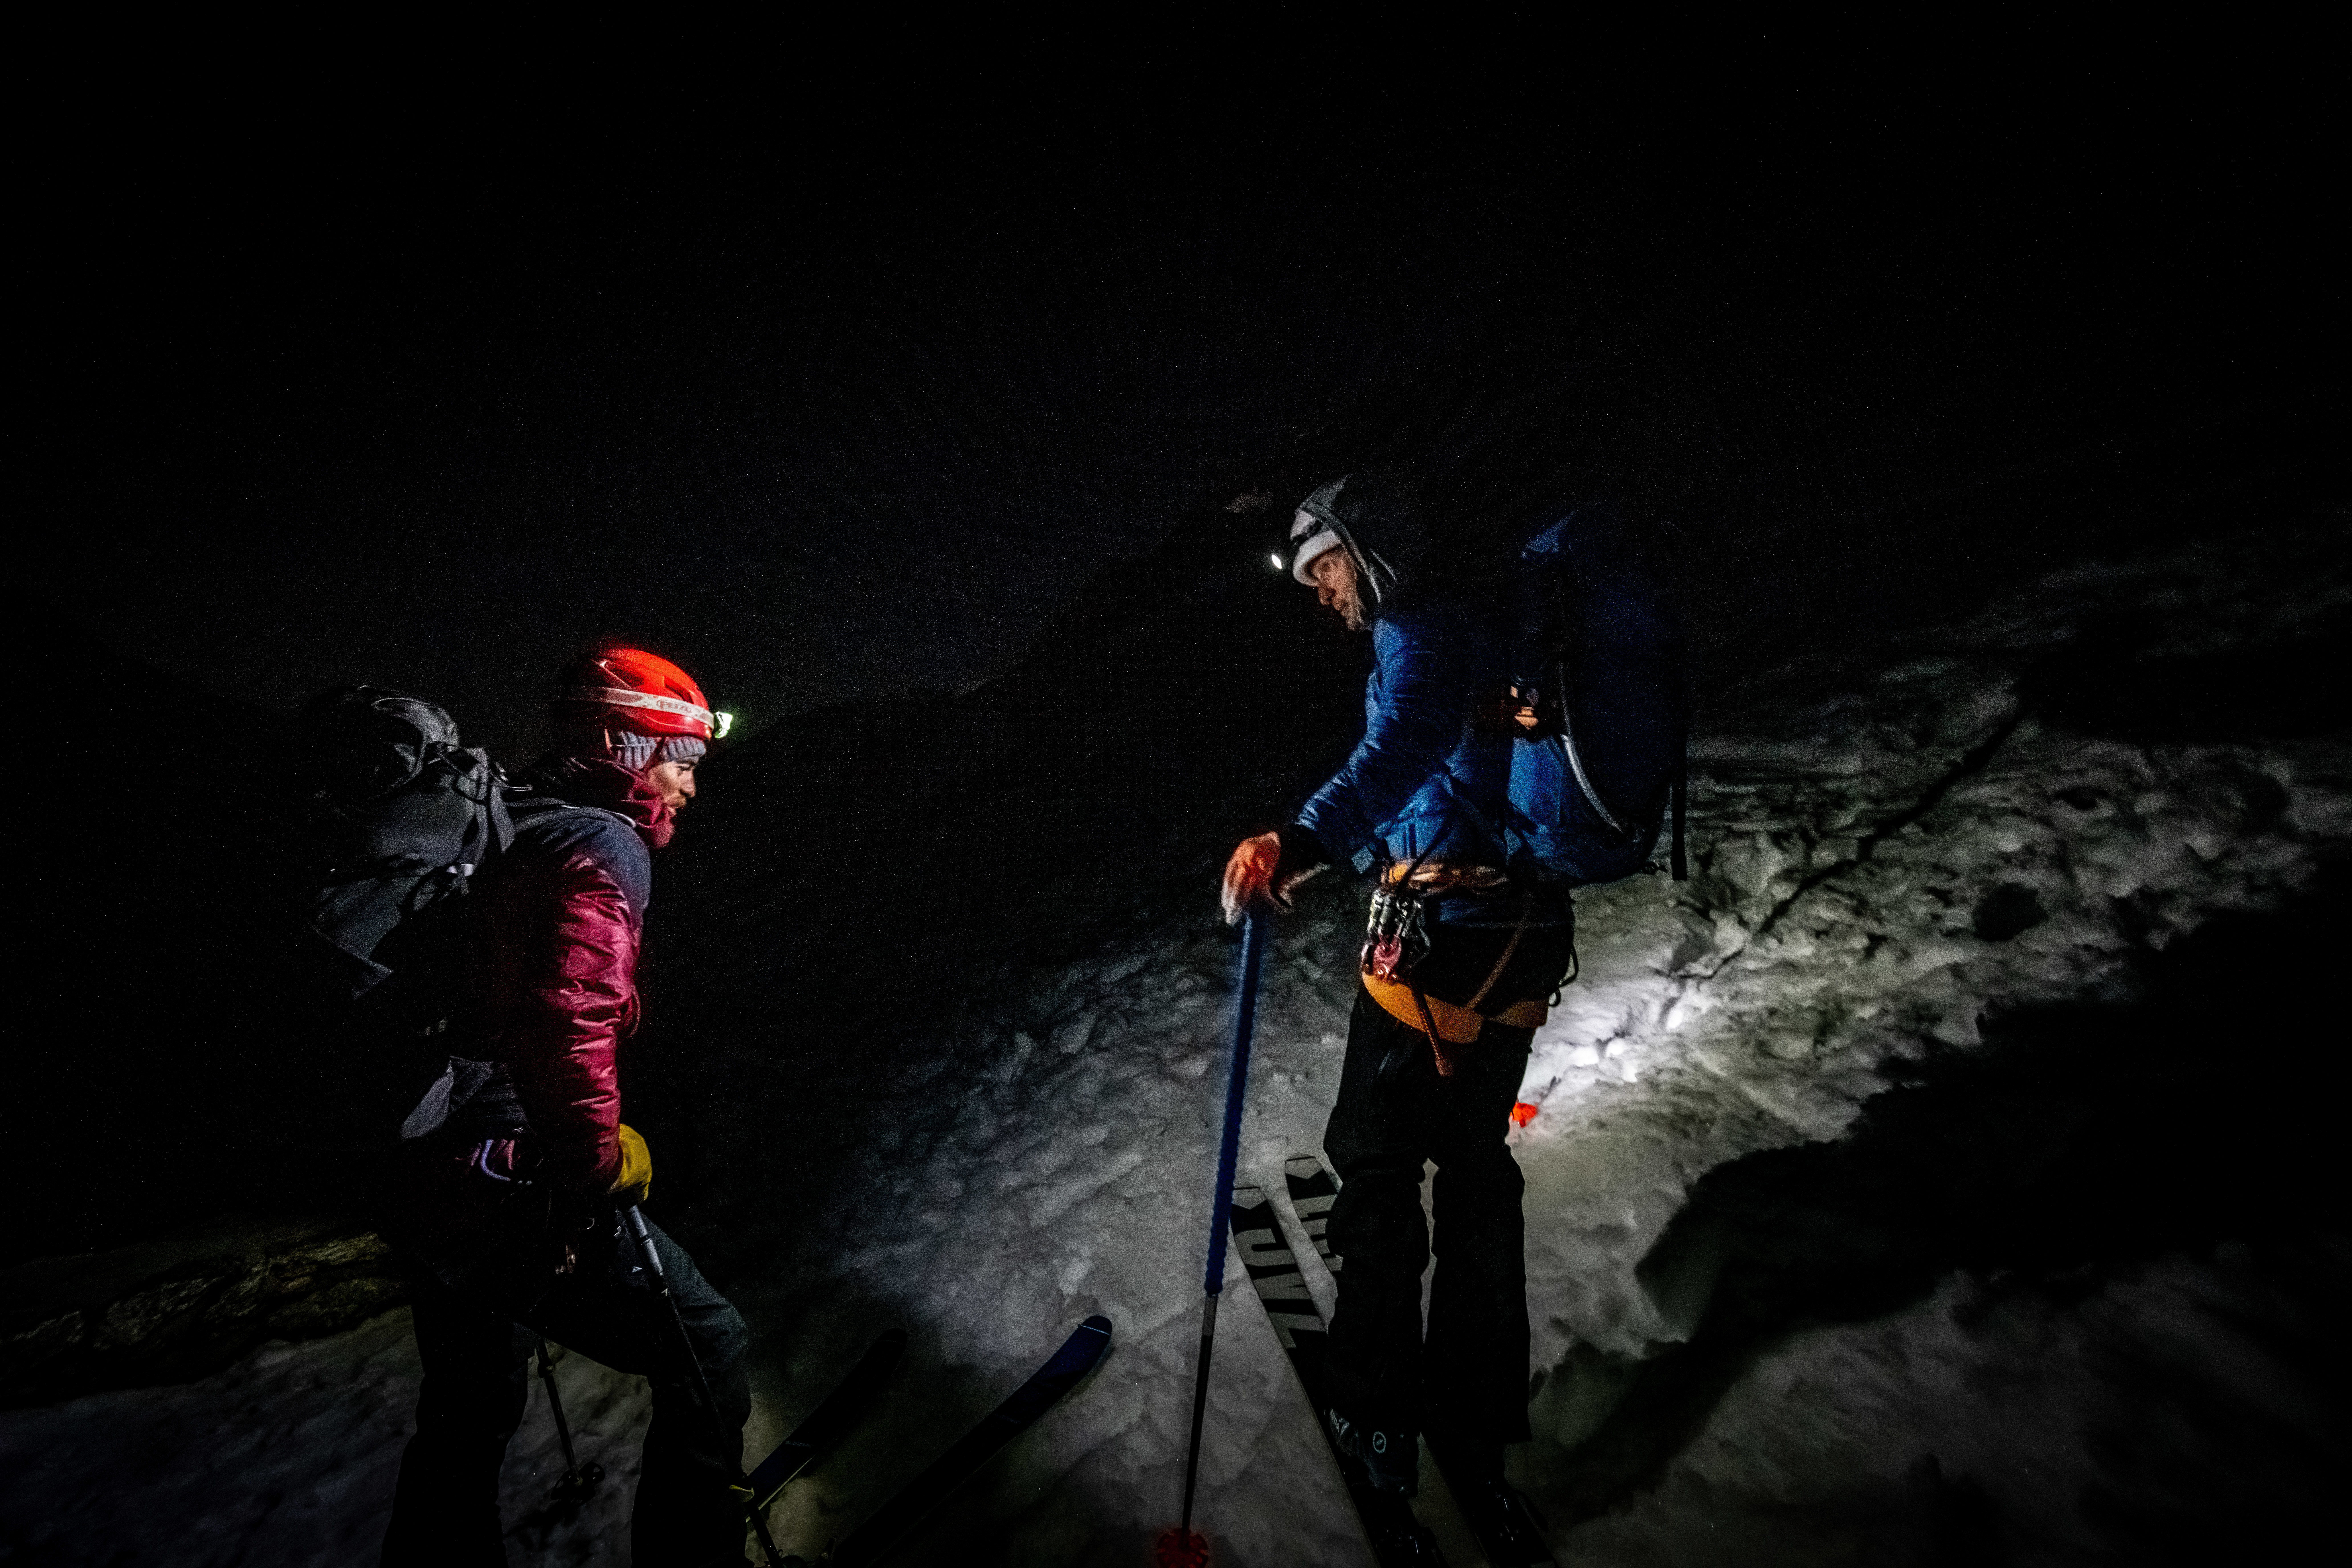 Découverte nocturne de Plaine-Joux en ski de randonnée